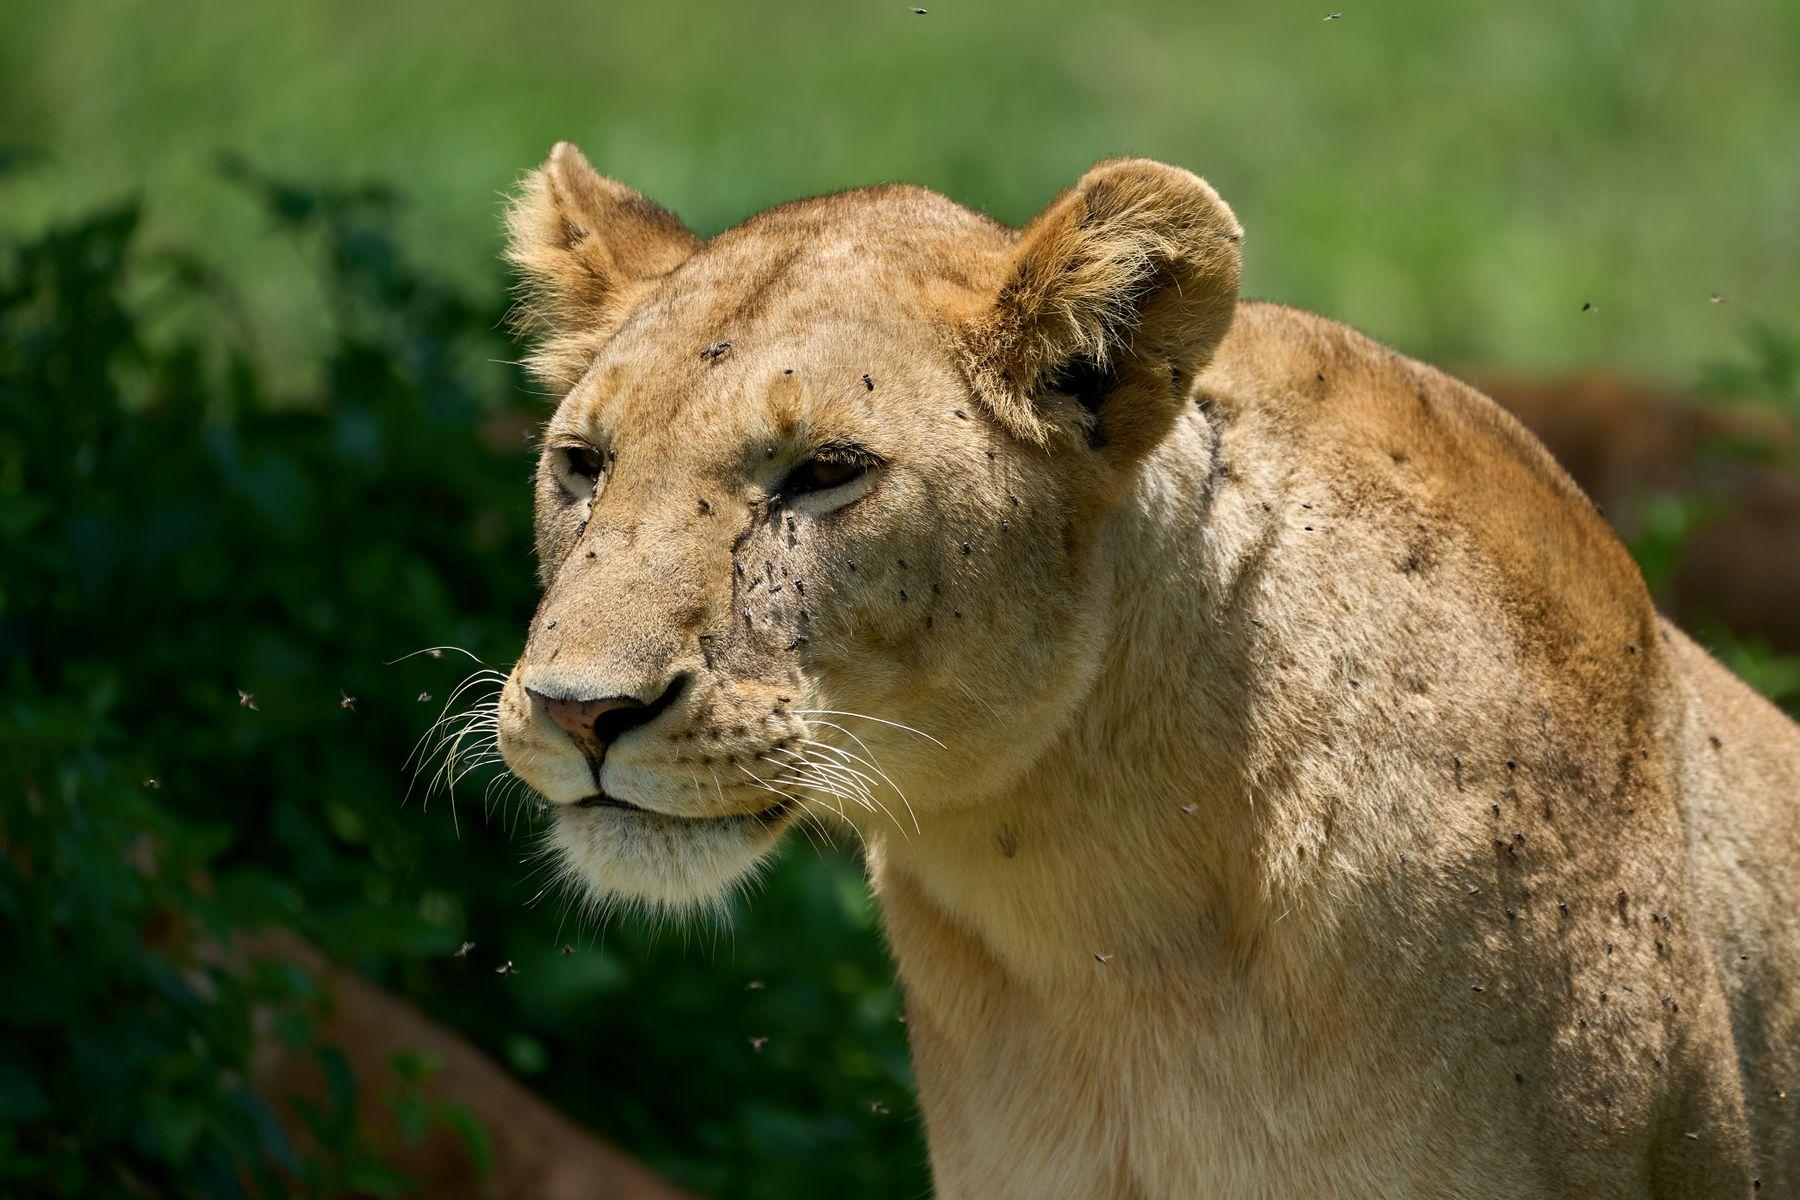 Львица Танзания Нгоронгоро Африка природа животные кошки львы